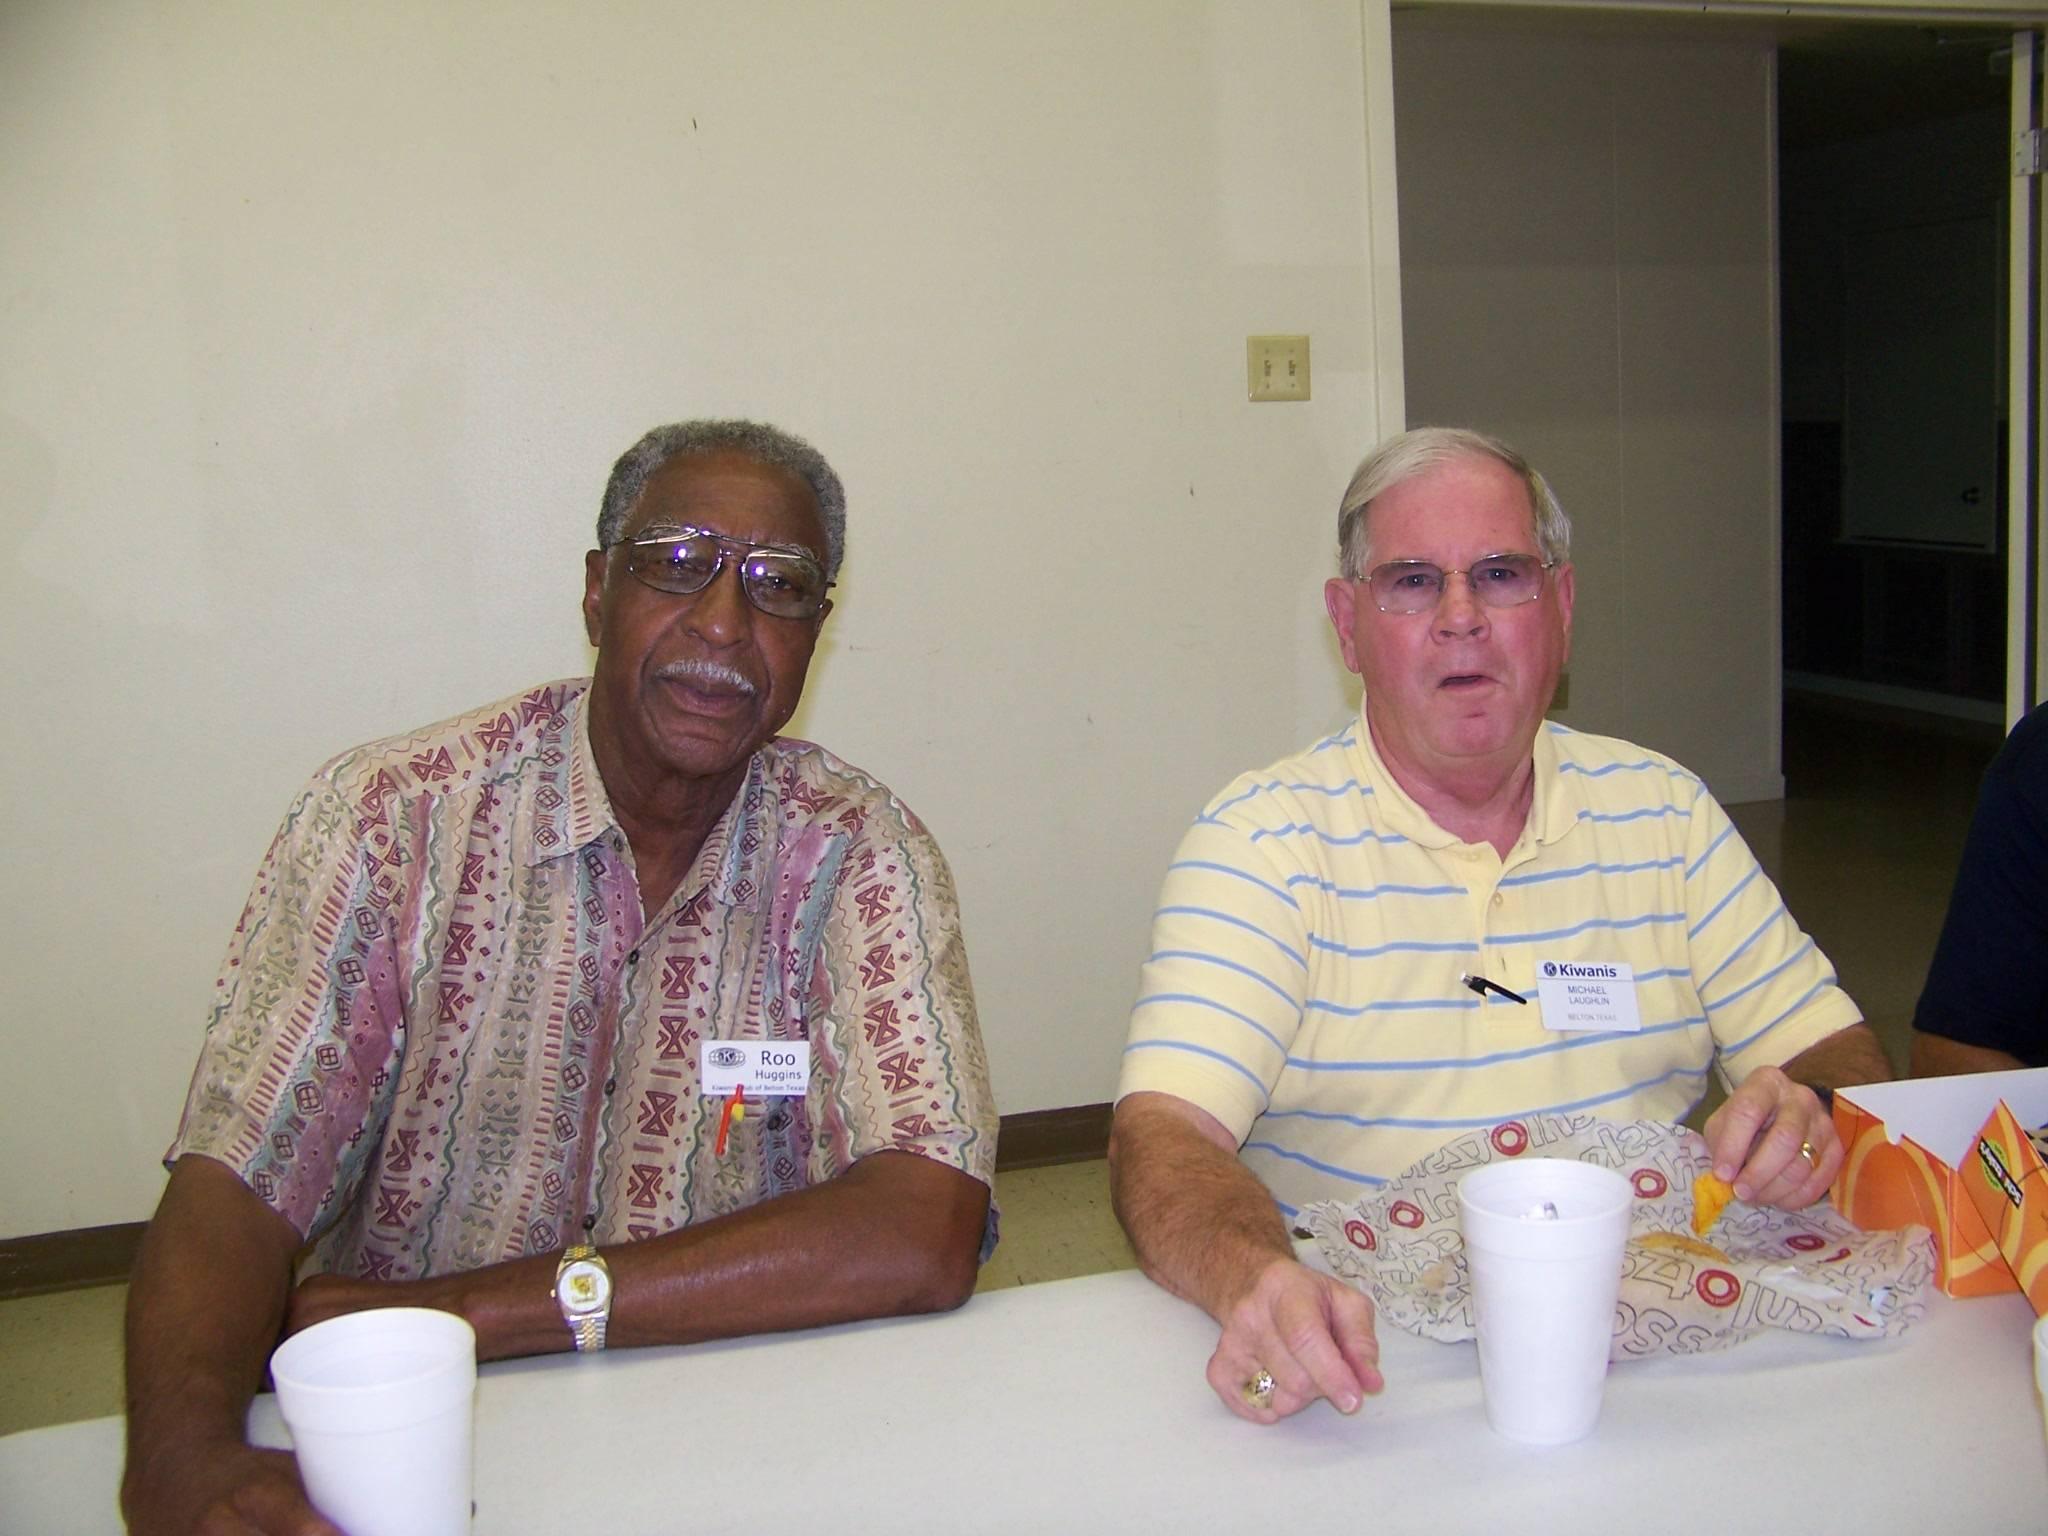 Roo Huggins & Mike Laughlin